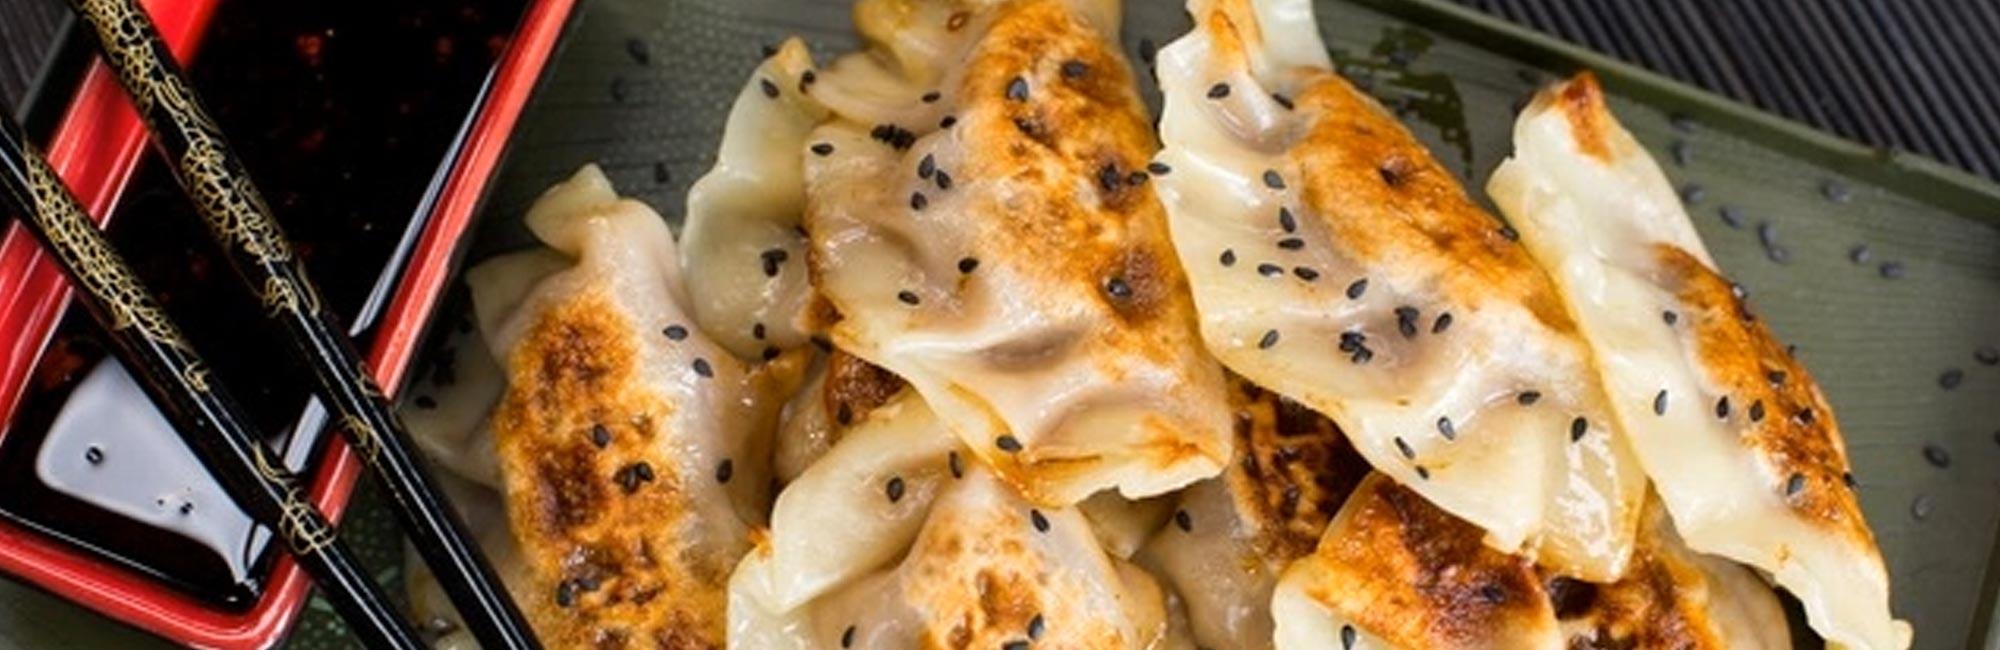 Beef and Mushroom Dumplings